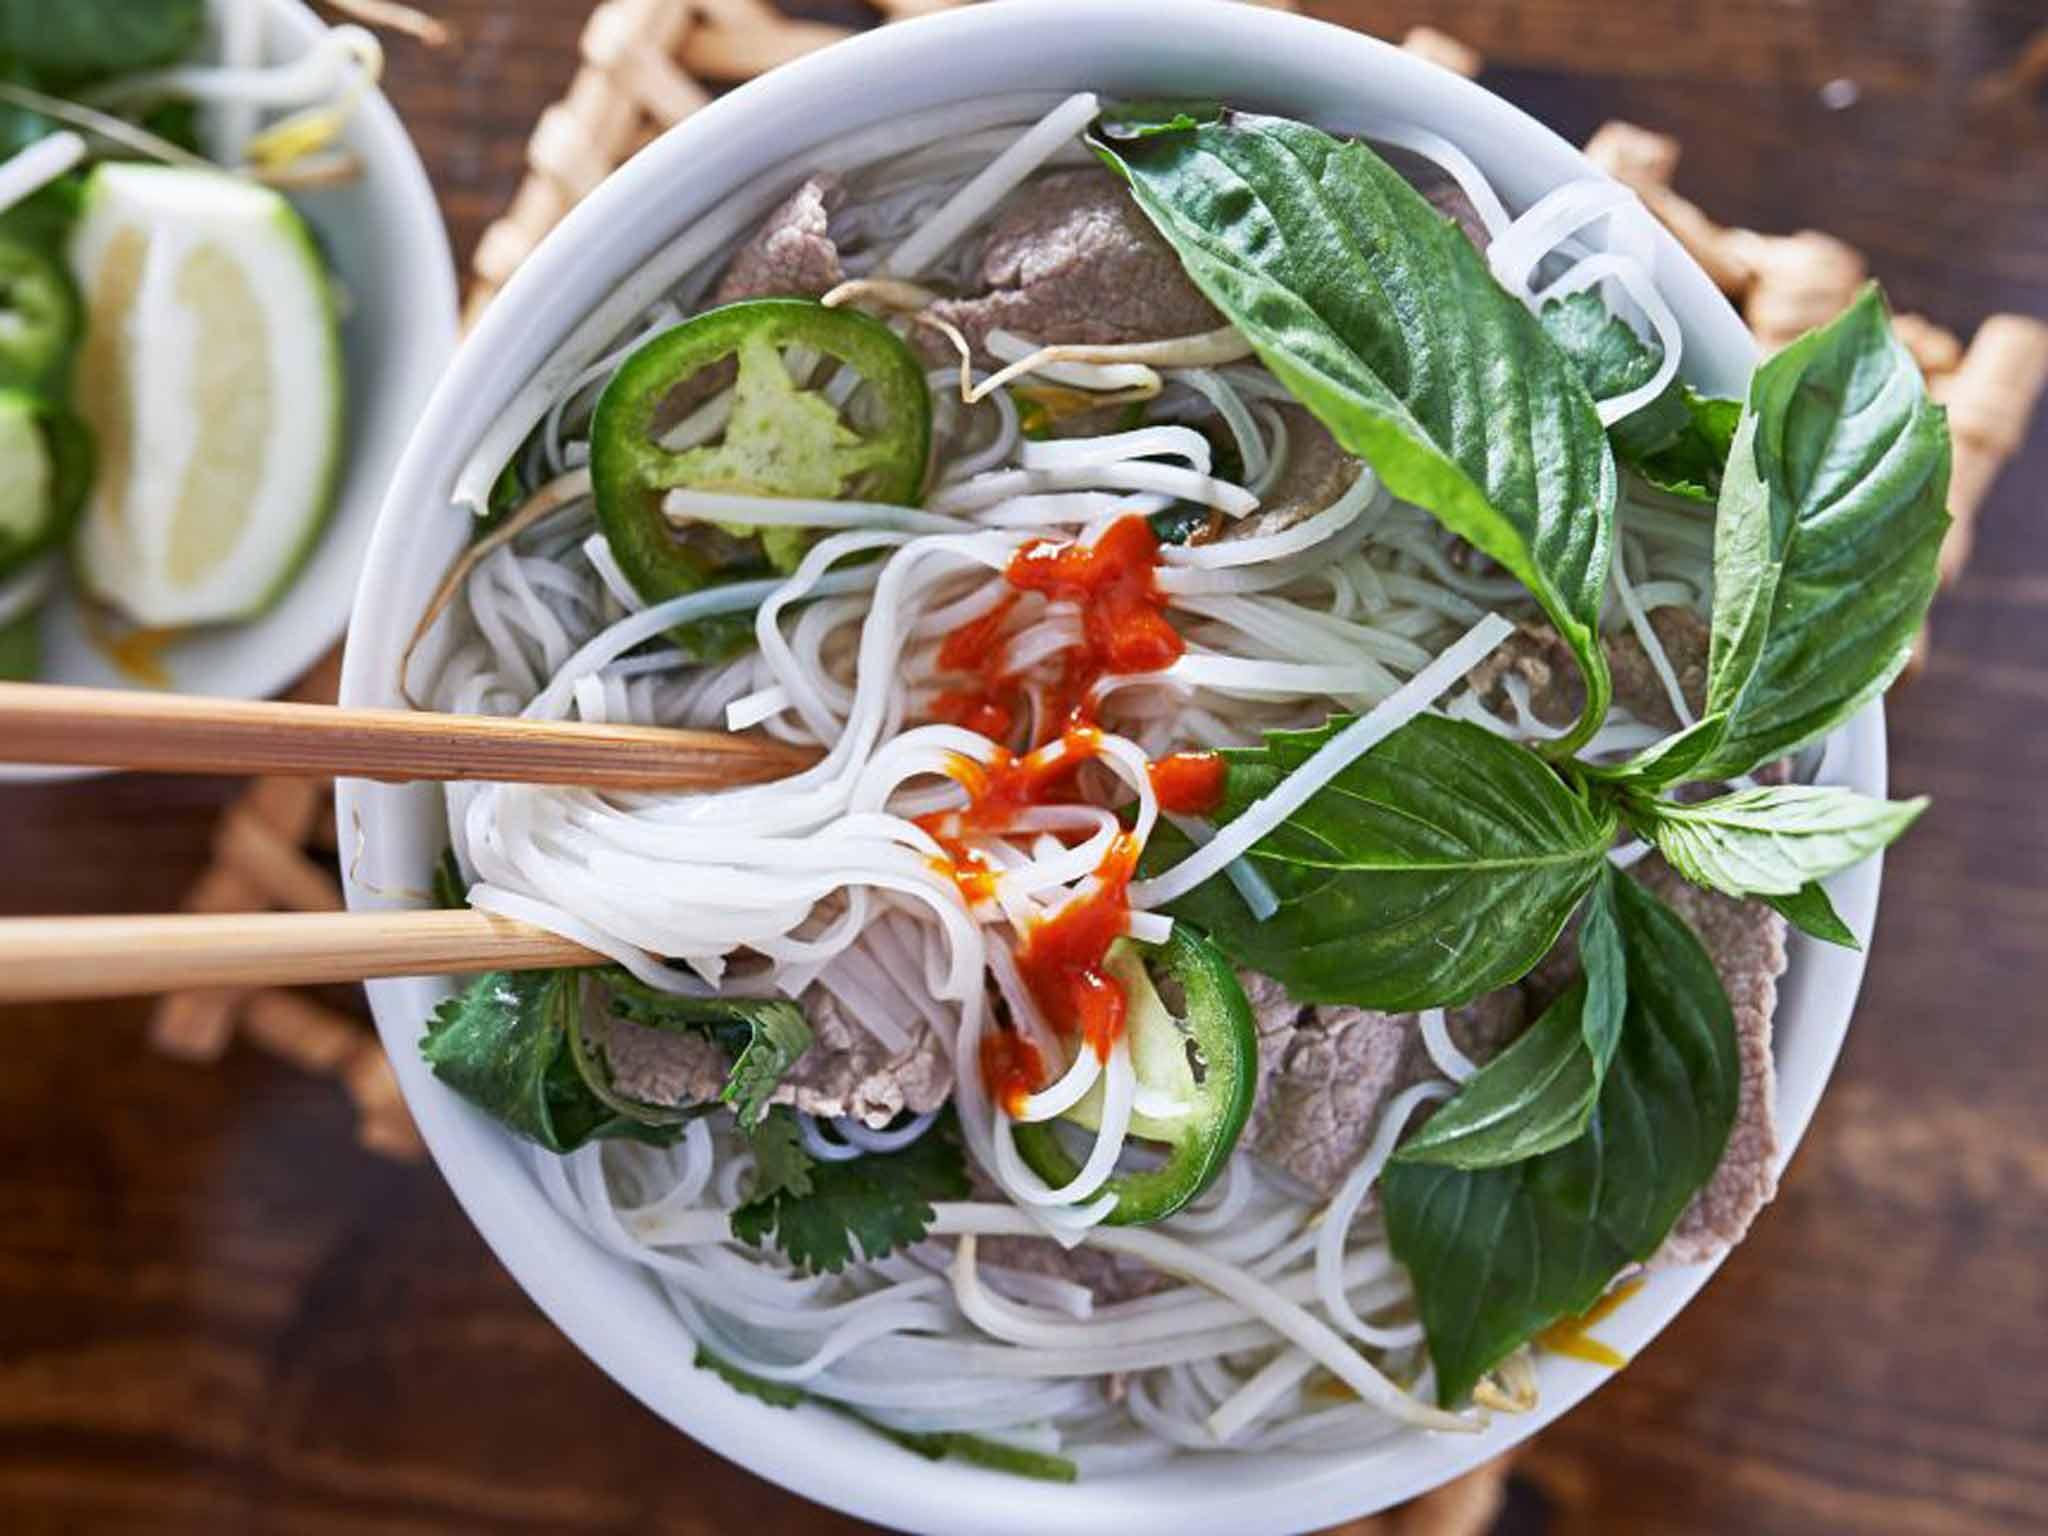 Asia Küche | The Reform Kitchen Degree Created By Cecilie Manz Kichten